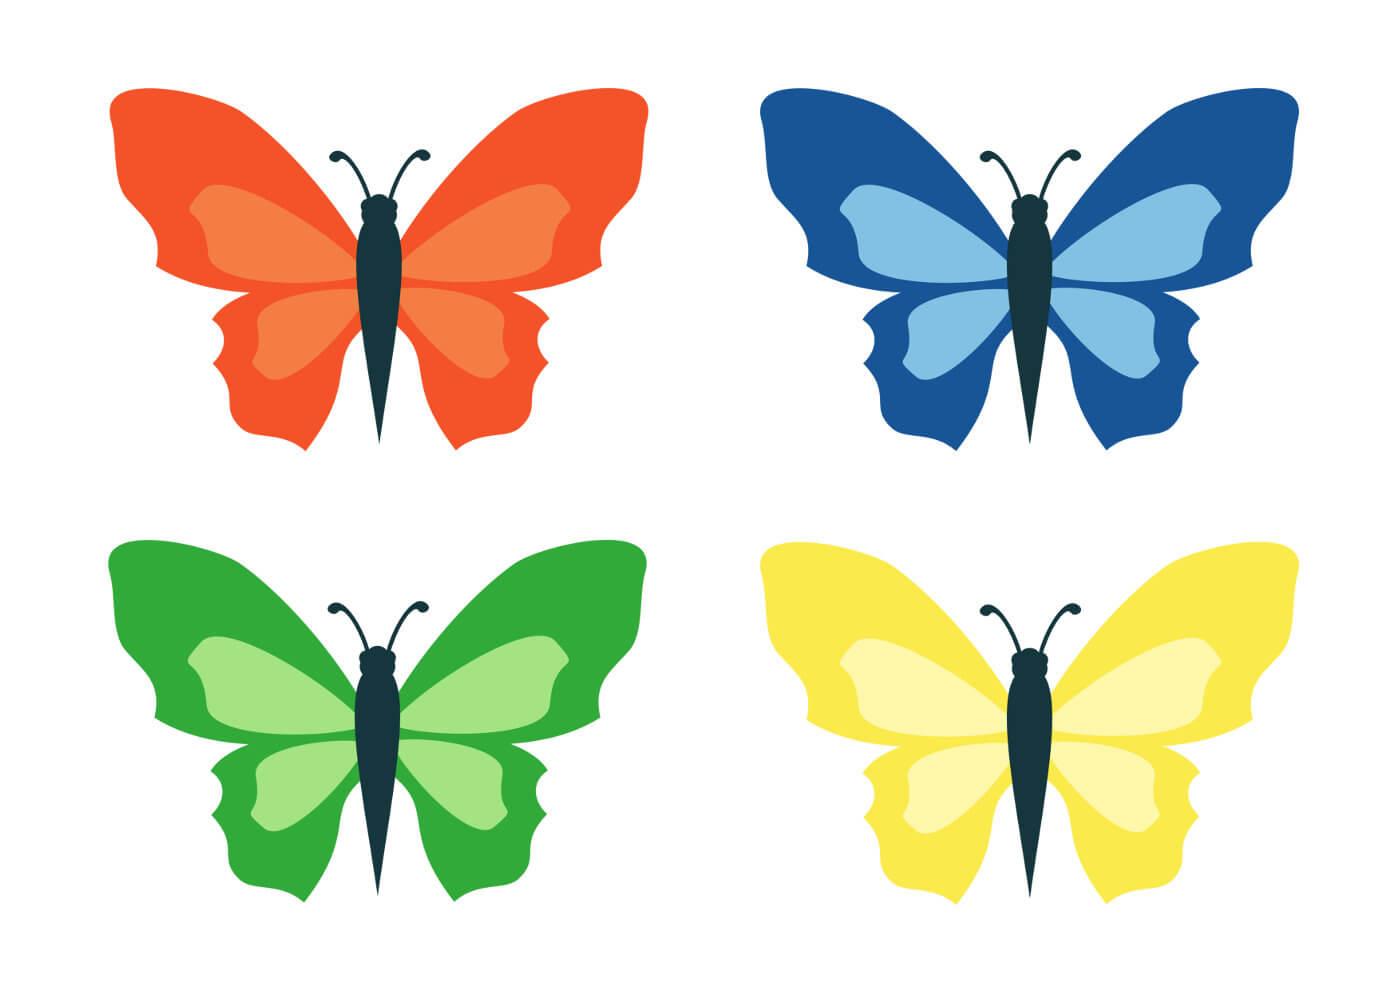 Красивые рисунки, картинки бабочки для детей - коллекция 10